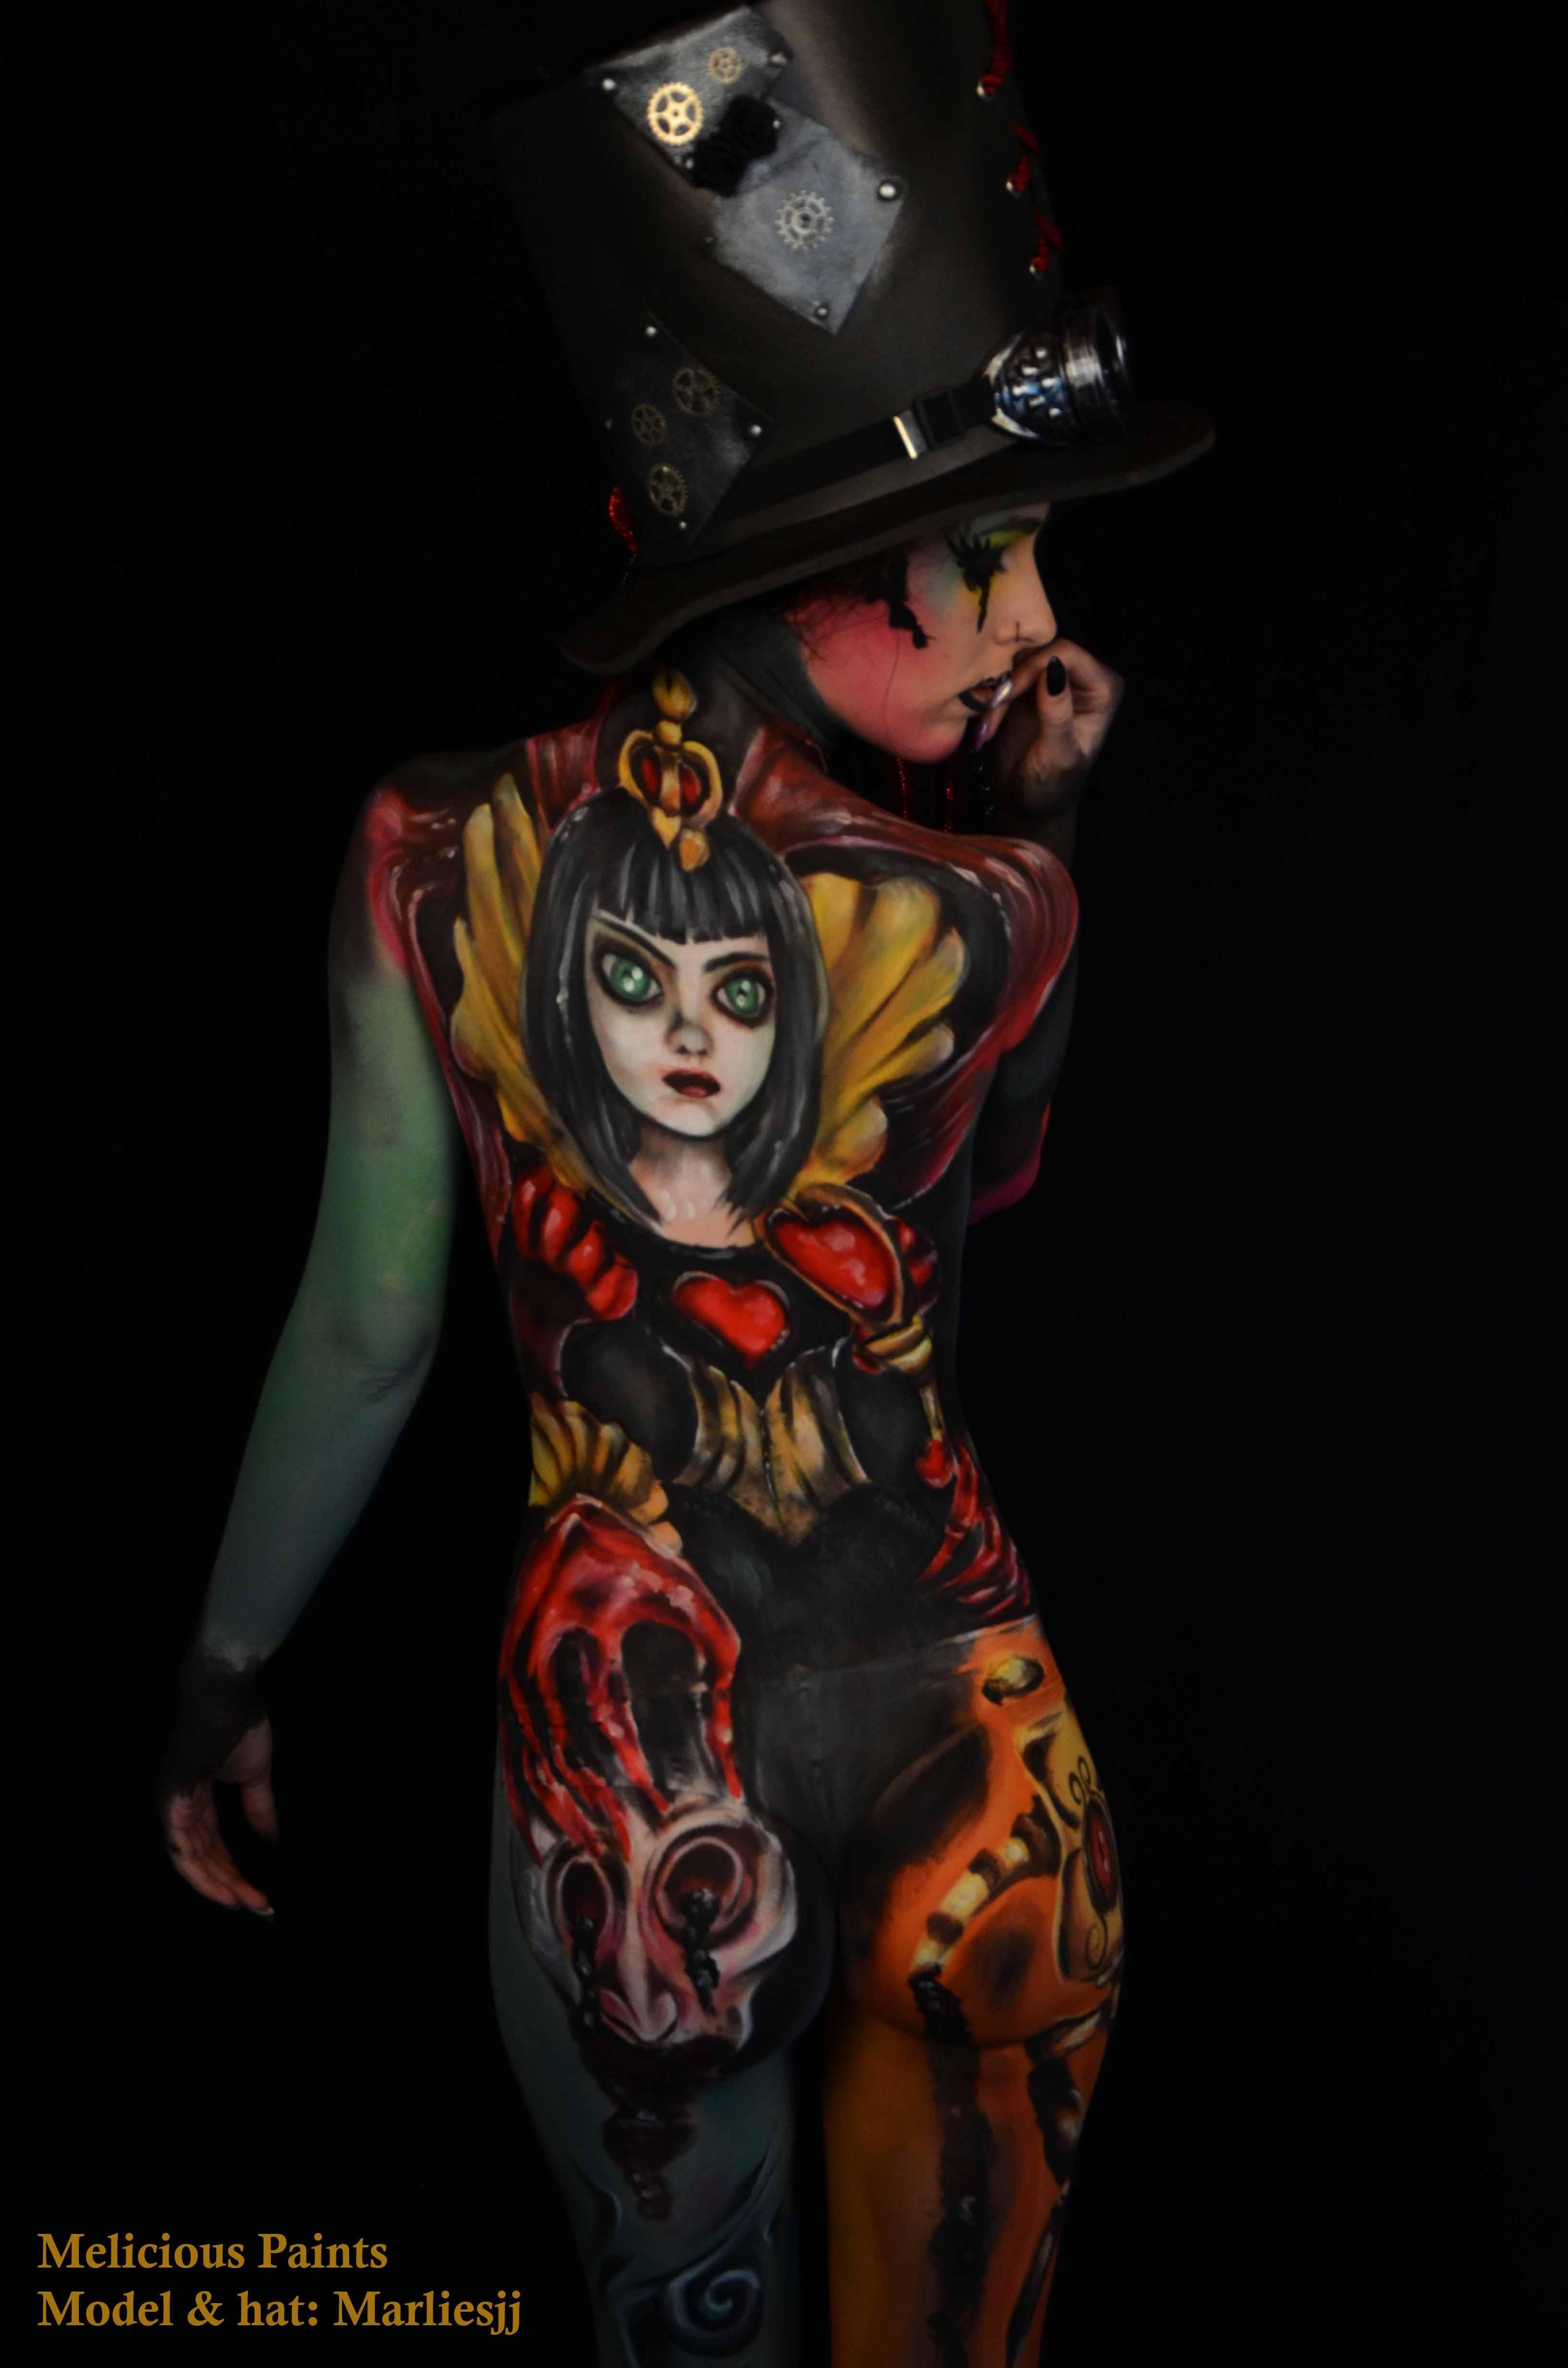 bodypaint Halloween Alice in Wonderland gaming